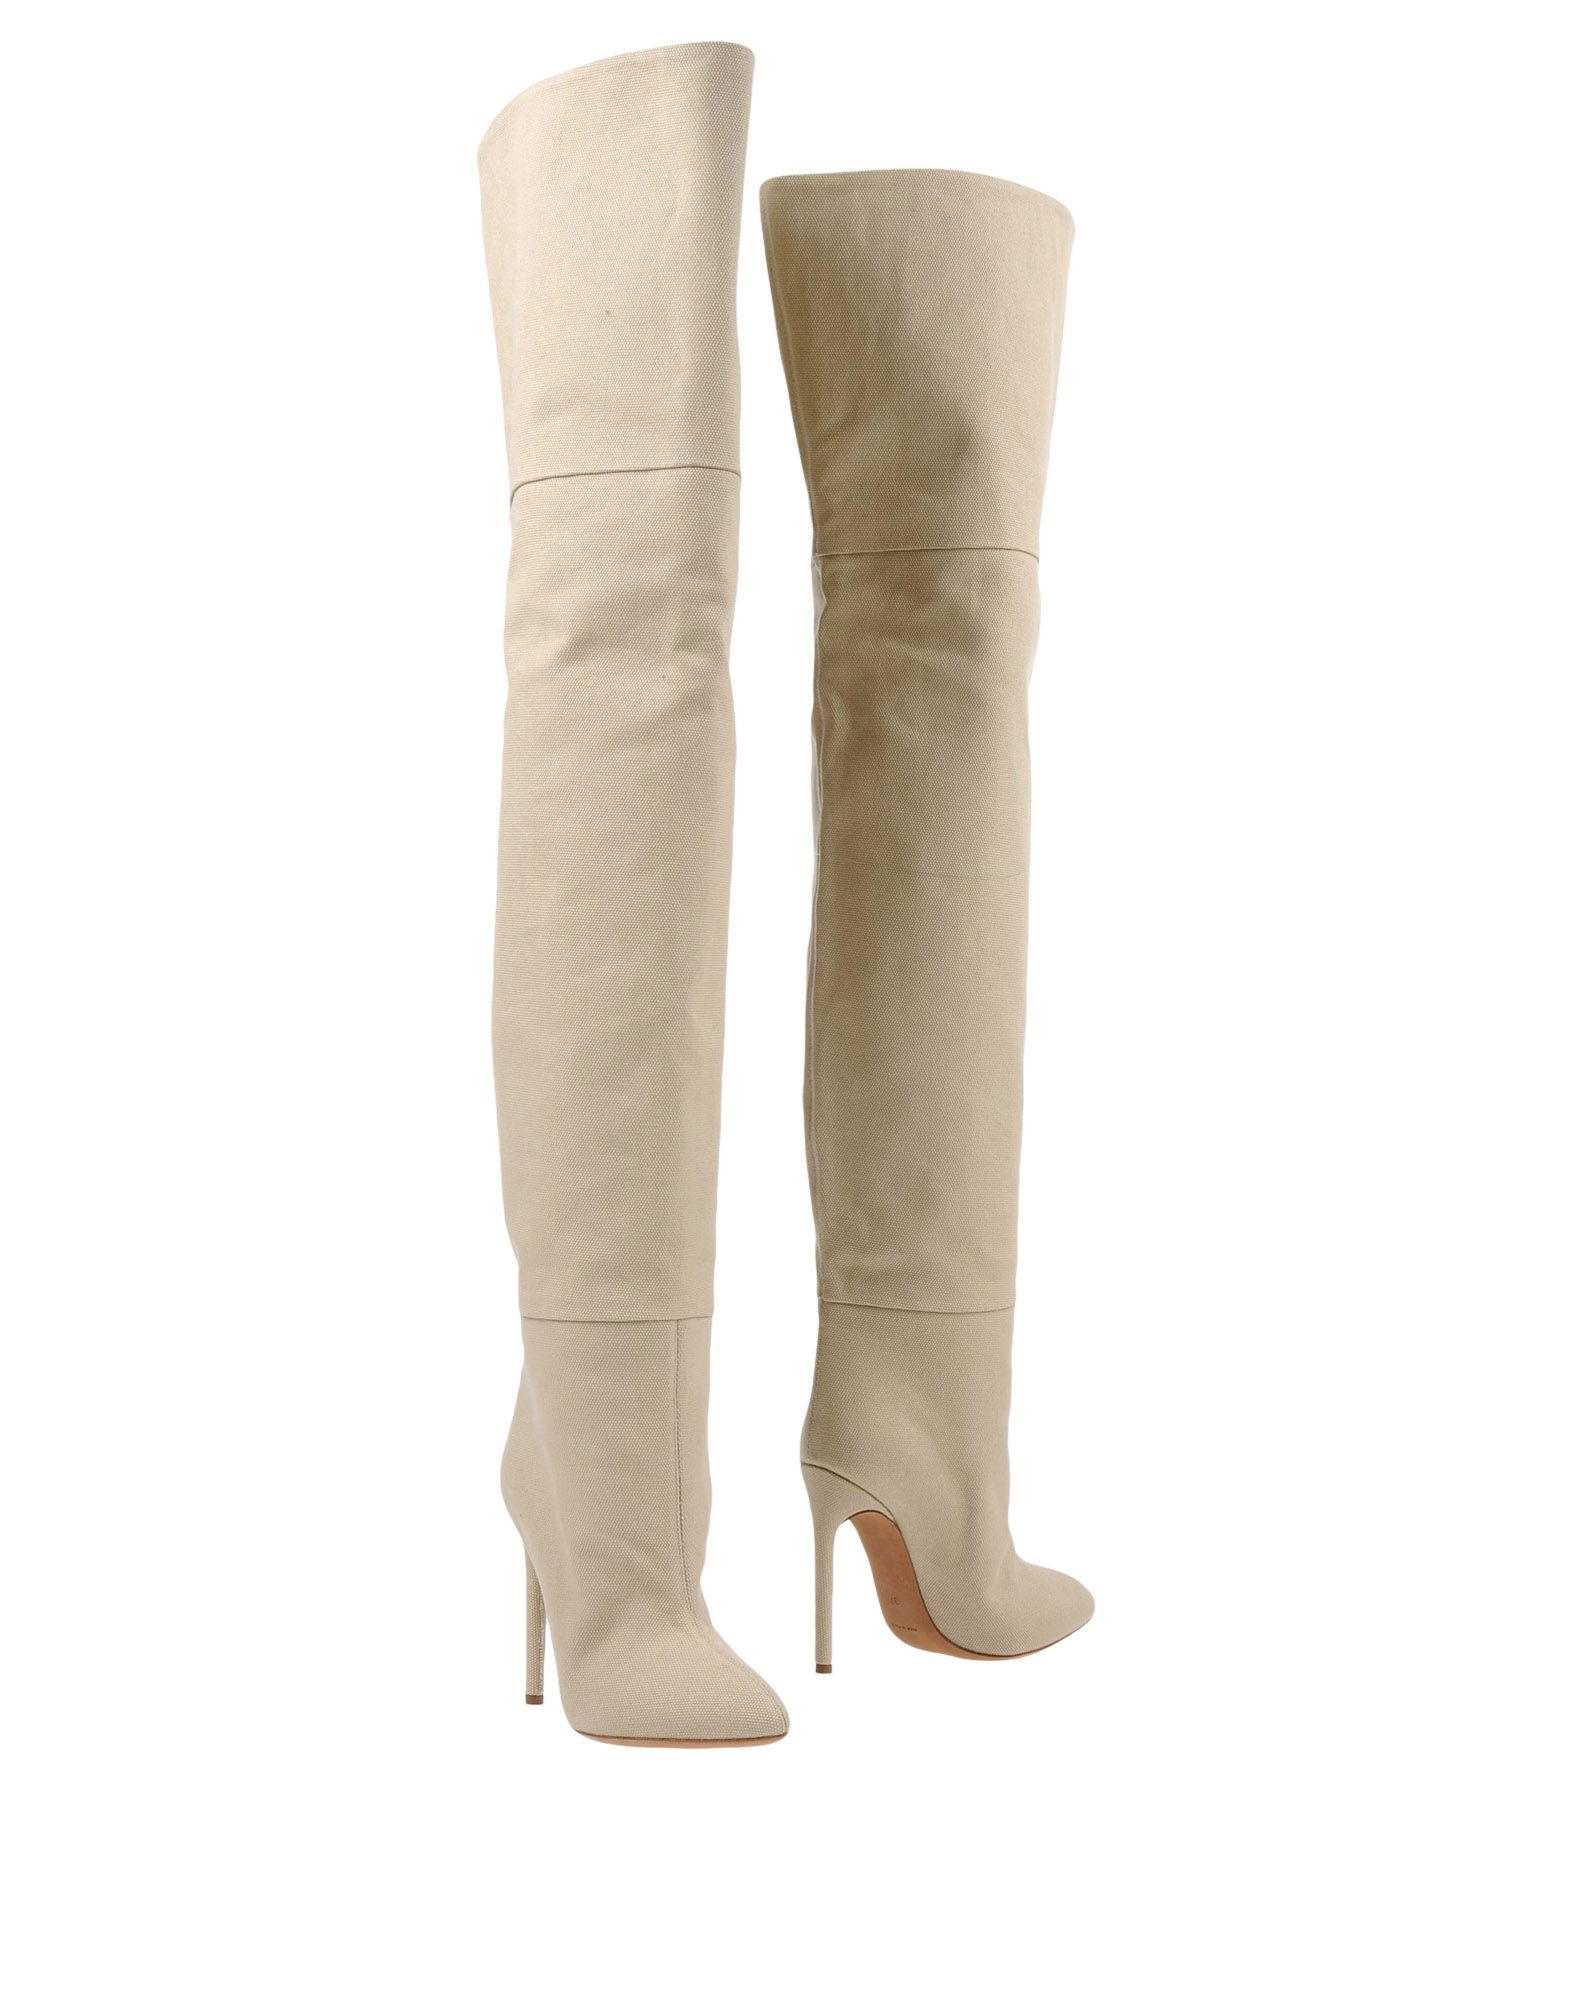 Yeezy Stiefel Damen  11475134MCGünstige Schuhe gut aussehende Schuhe 11475134MCGünstige feda38